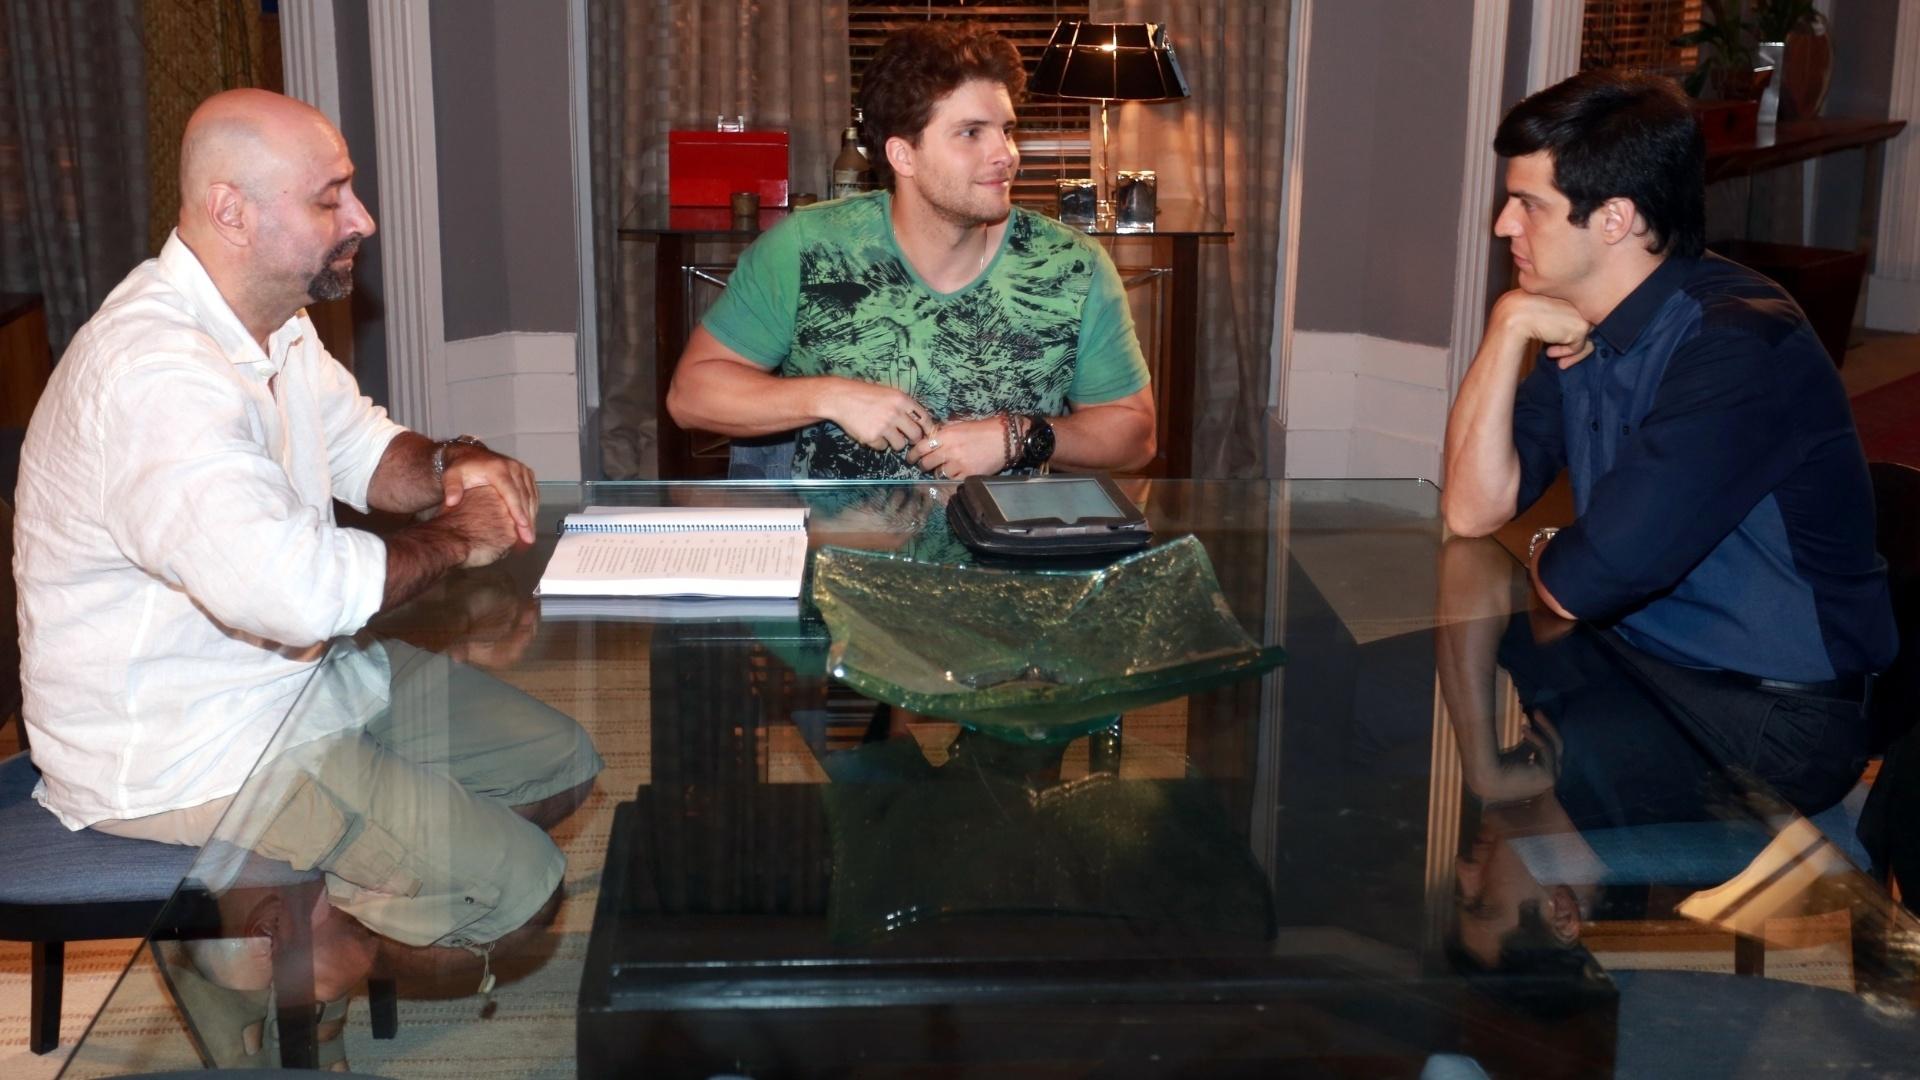 7.jan.2014 - Thiago Fragoso e Mateus Solano ensaiam, com diretor Mauro Mendonça Filho, cena de jantar na novela